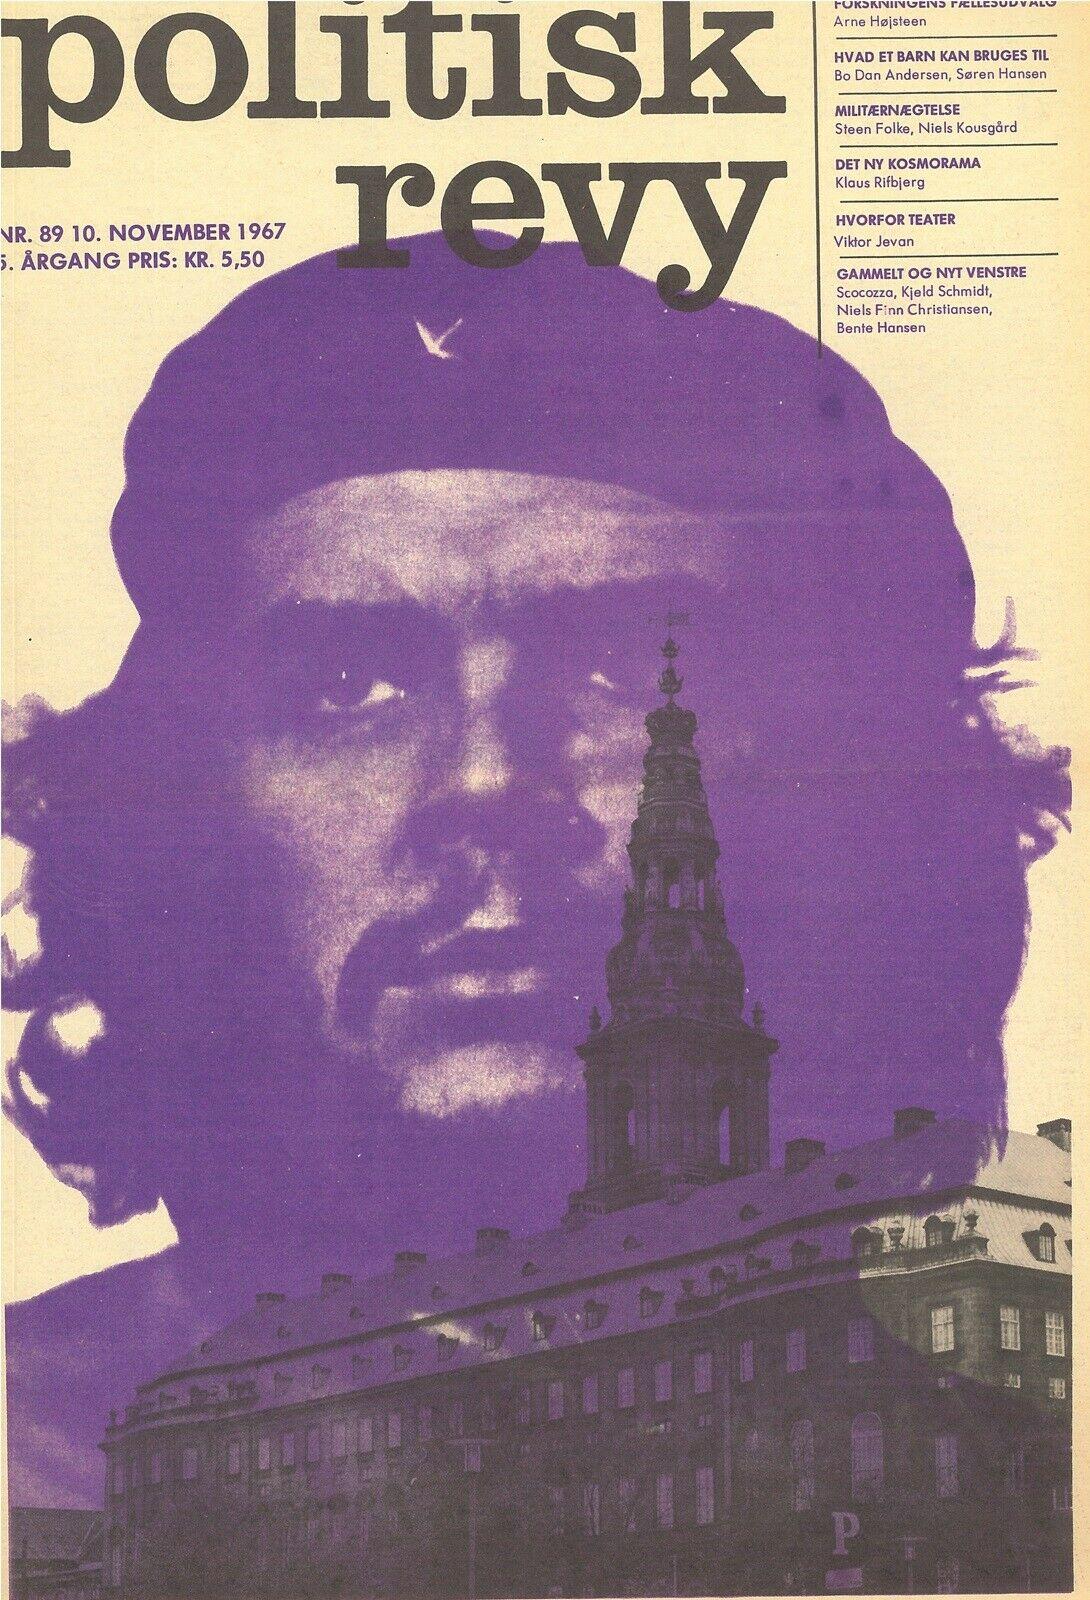 """Politisk Revy. Fjortendagsbladet Politisk Revy (1963-1987) spillede en stor rolle for for venstrefløjens radikalisering og for bevægelsen fra midt-60'erne, og er også central i tre af erindrings-bøgerne nedenfor i afsnittet """"Erindringer om 1968/60'erne"""". Alberto Kordas foto fra 1960 af den argentisk/cubanske guerilla-lederen Ernesto 'Che' Guevara fra 1960 blev populær som plakat, her ses 'Che' over Christiansborg."""